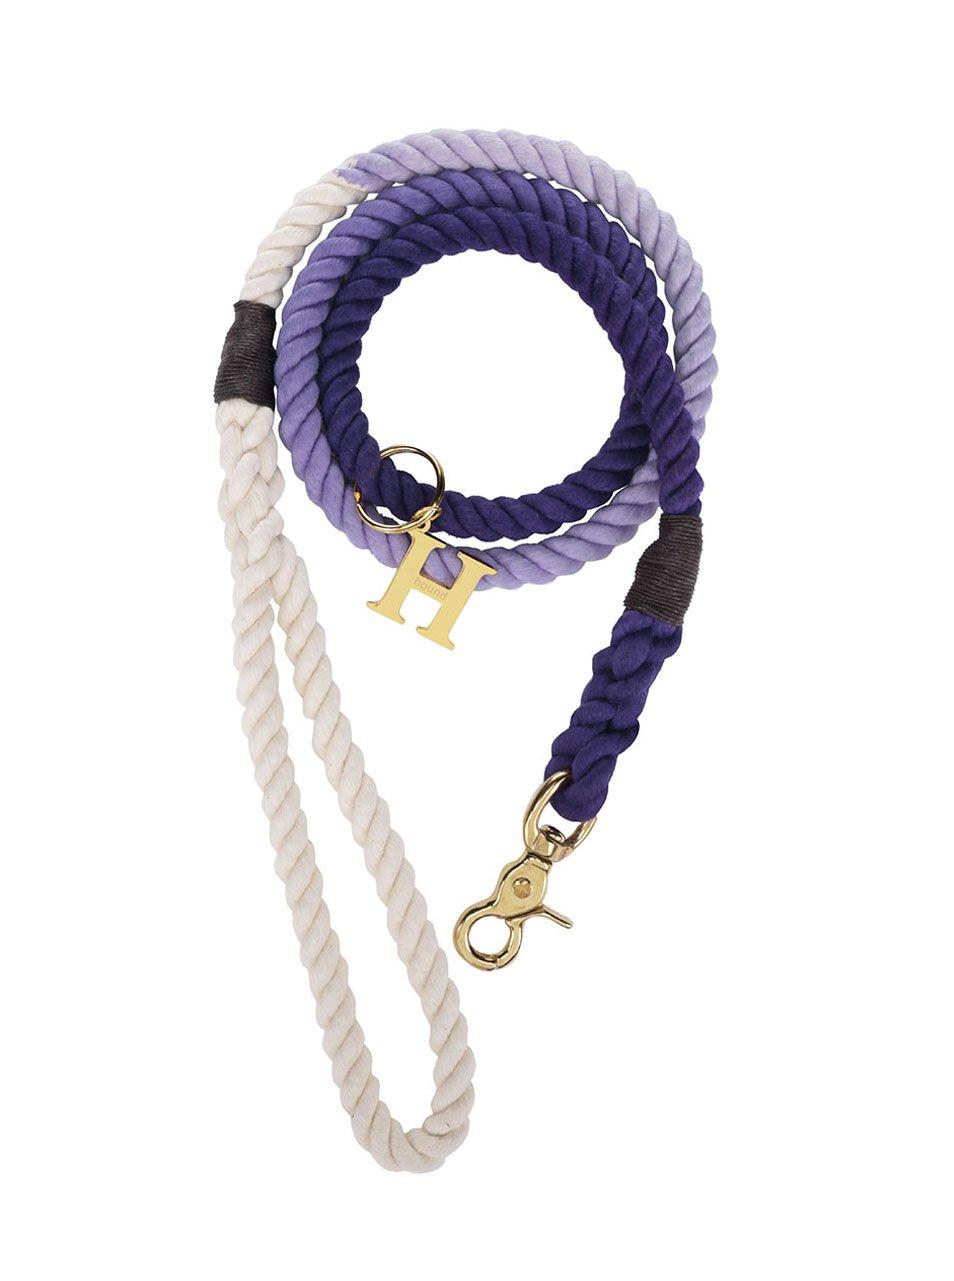 Bílo-fialové vodítko pro středně velké psy Hound 12 mm